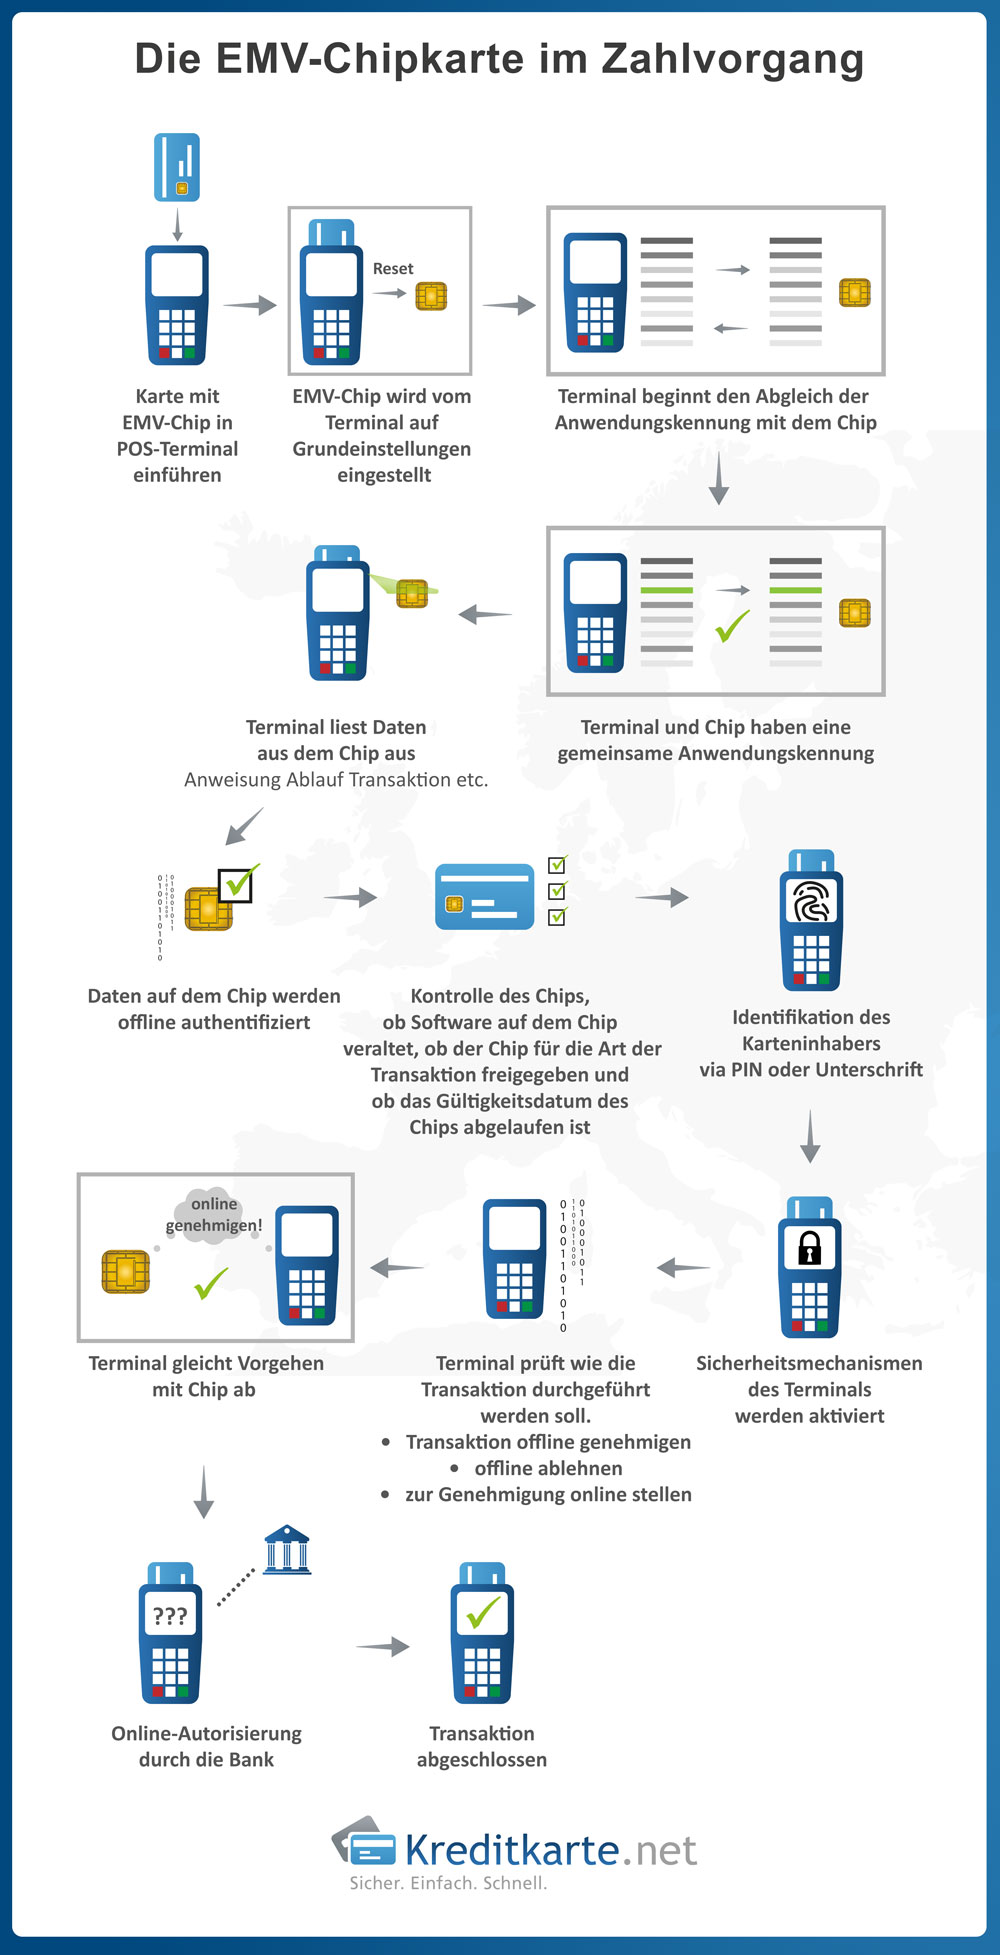 Wie läuft der Zahlvorgang mit einer EMV-Chipkarte und einem POS-Terminal ab